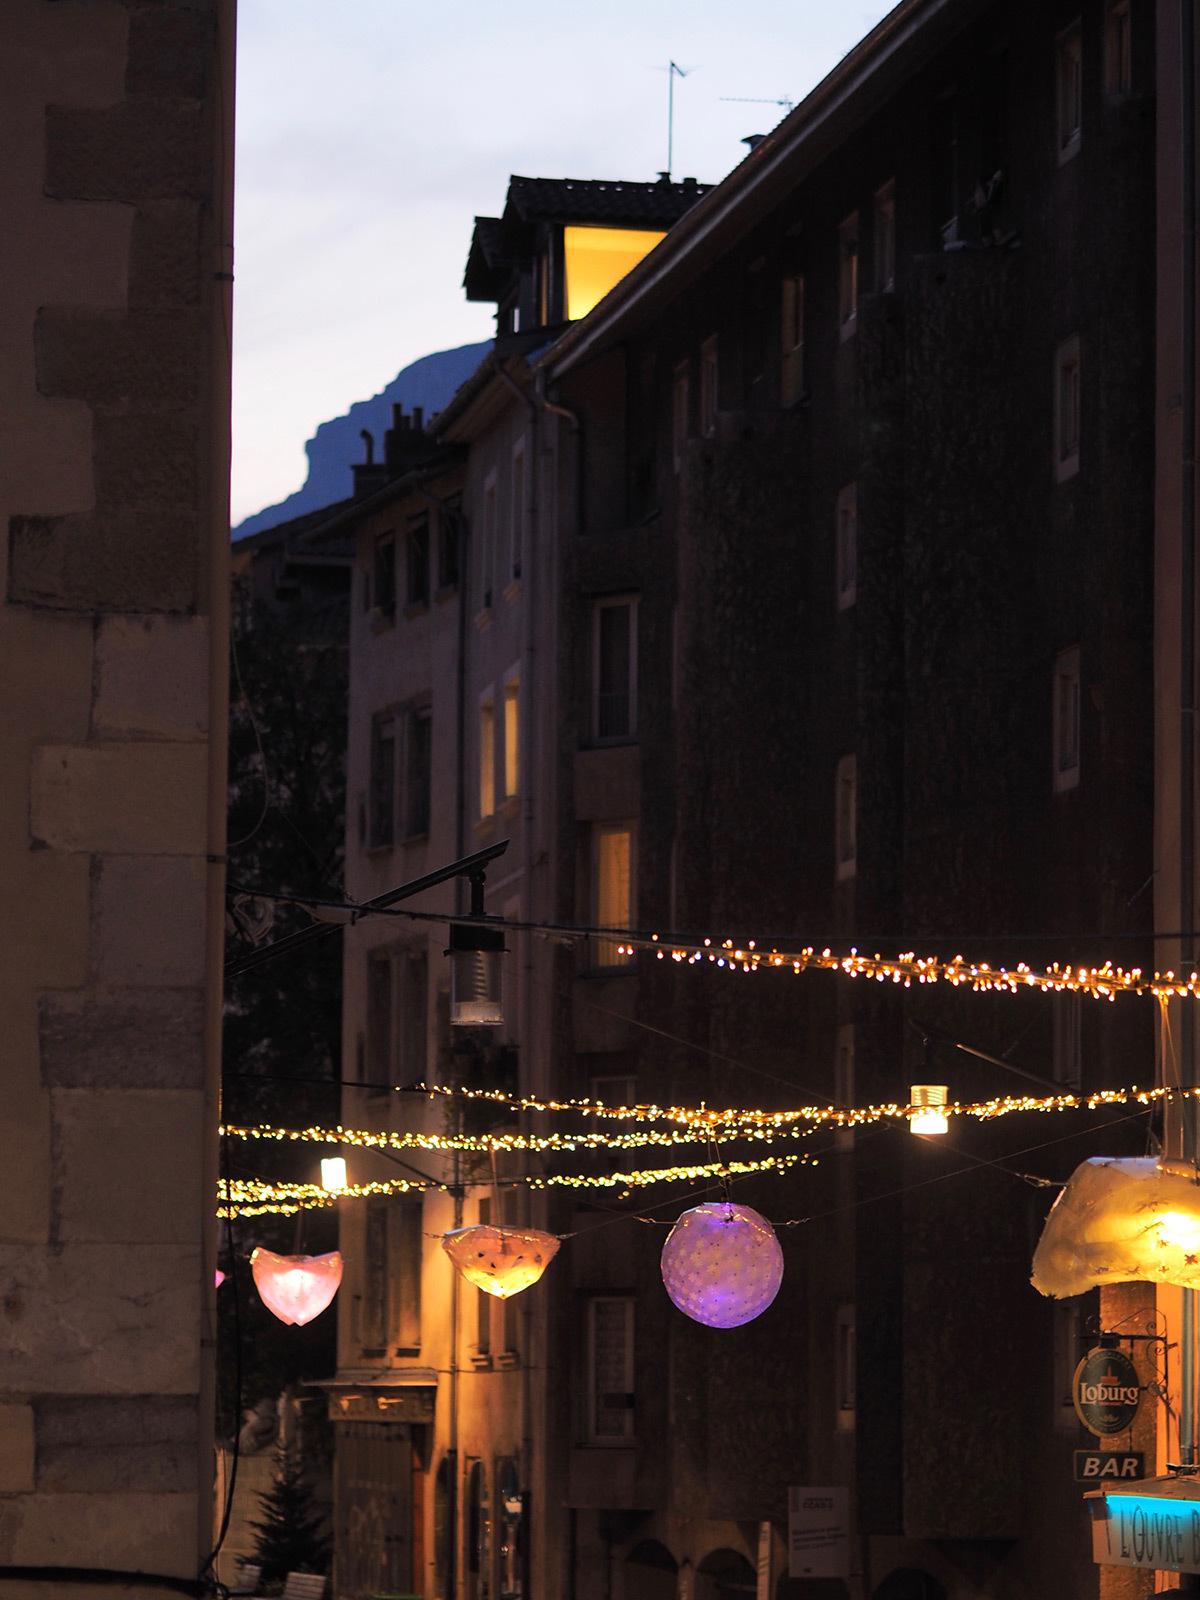 Les CoCColithes de la rue Saint-Laurent, Grenoble - Collectif Abat-Jour - Decembre 2015 © Anastasia Sokolnikova et Jean-David Boucher